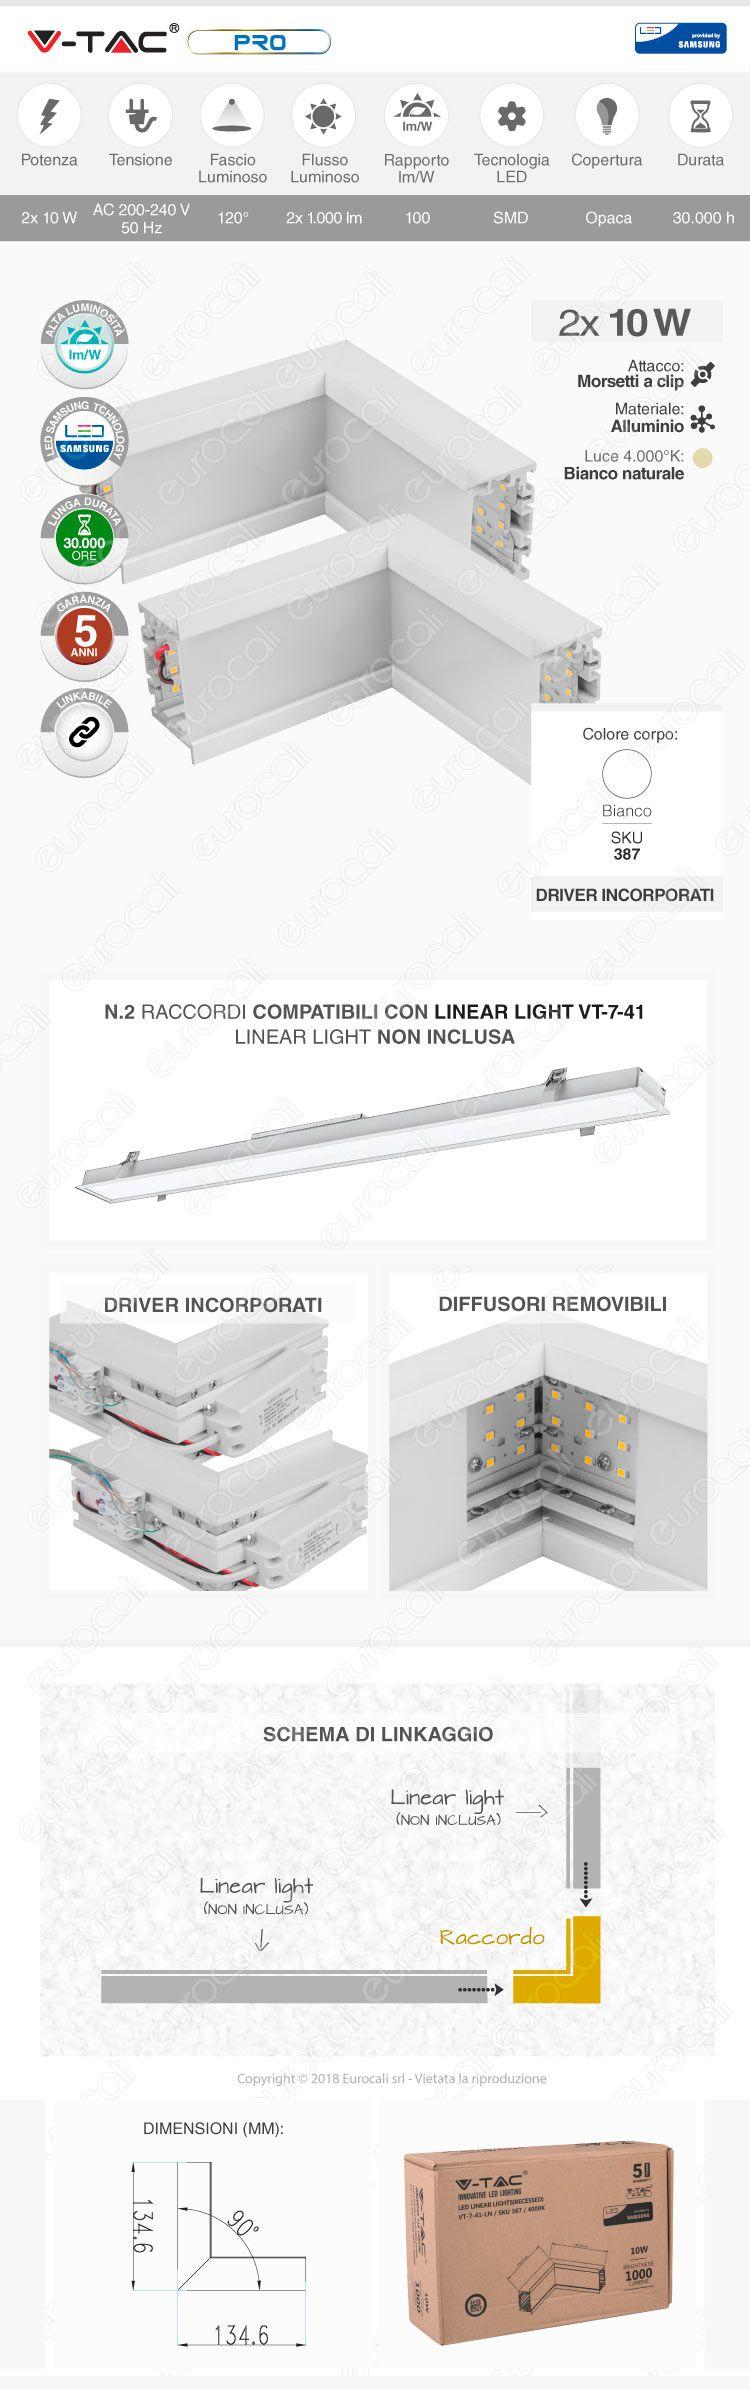 V-Tac PRO VT-7-41LN Coppia di Lampade LED Raccordo a Incasso Linear Light 10W Chip Samsung White Body